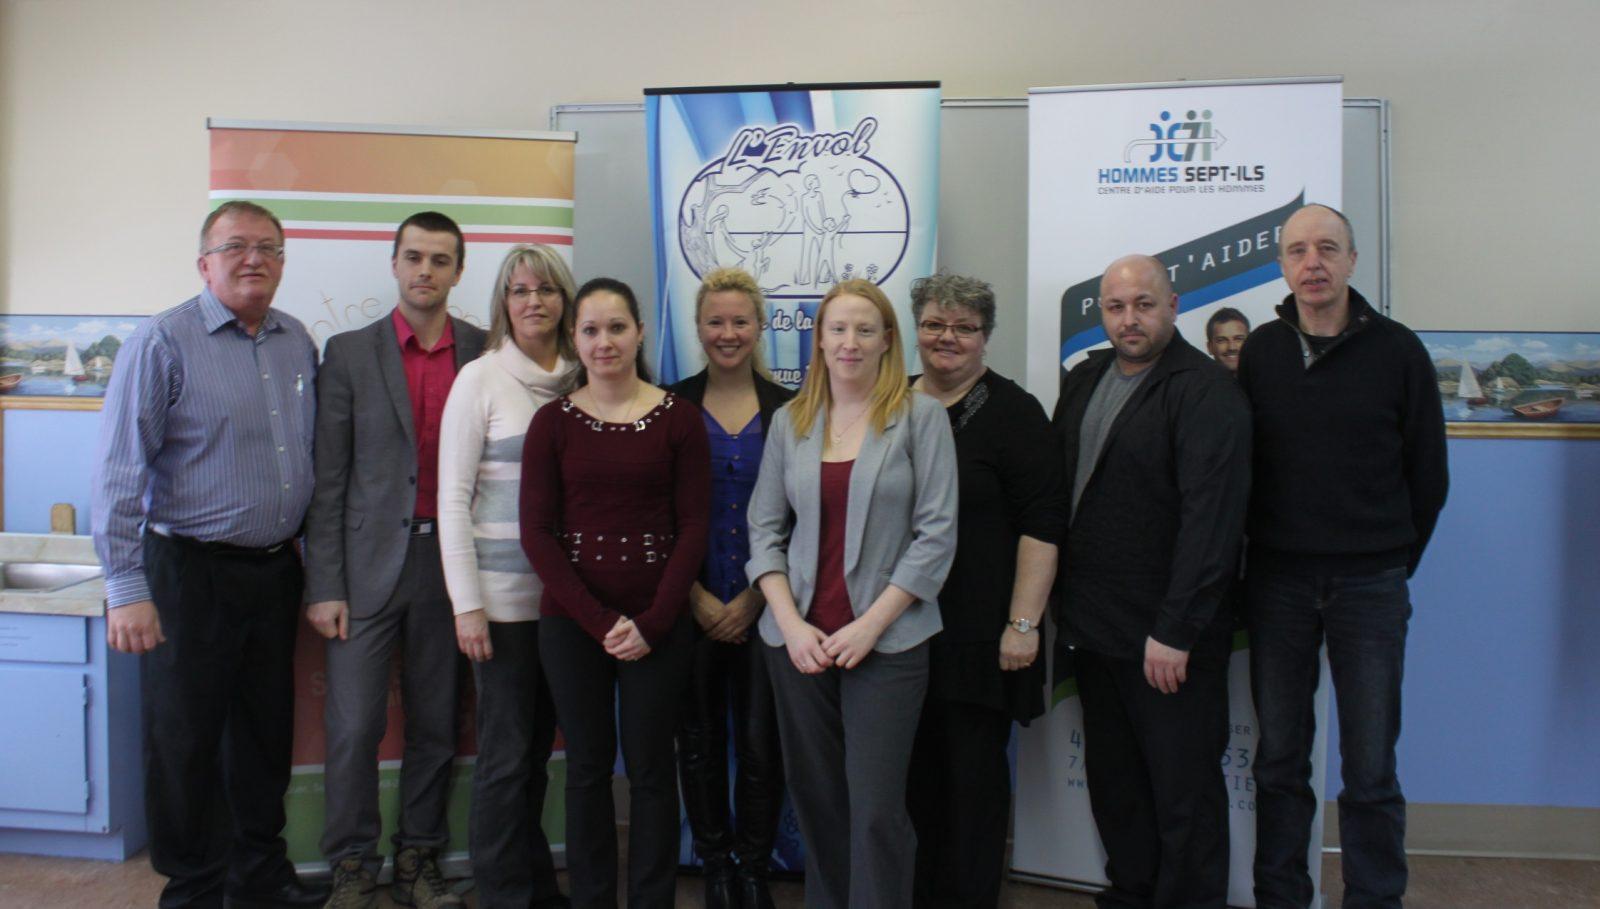 Anxiété face au contexte économique: Un comité social de soutien voit le jour